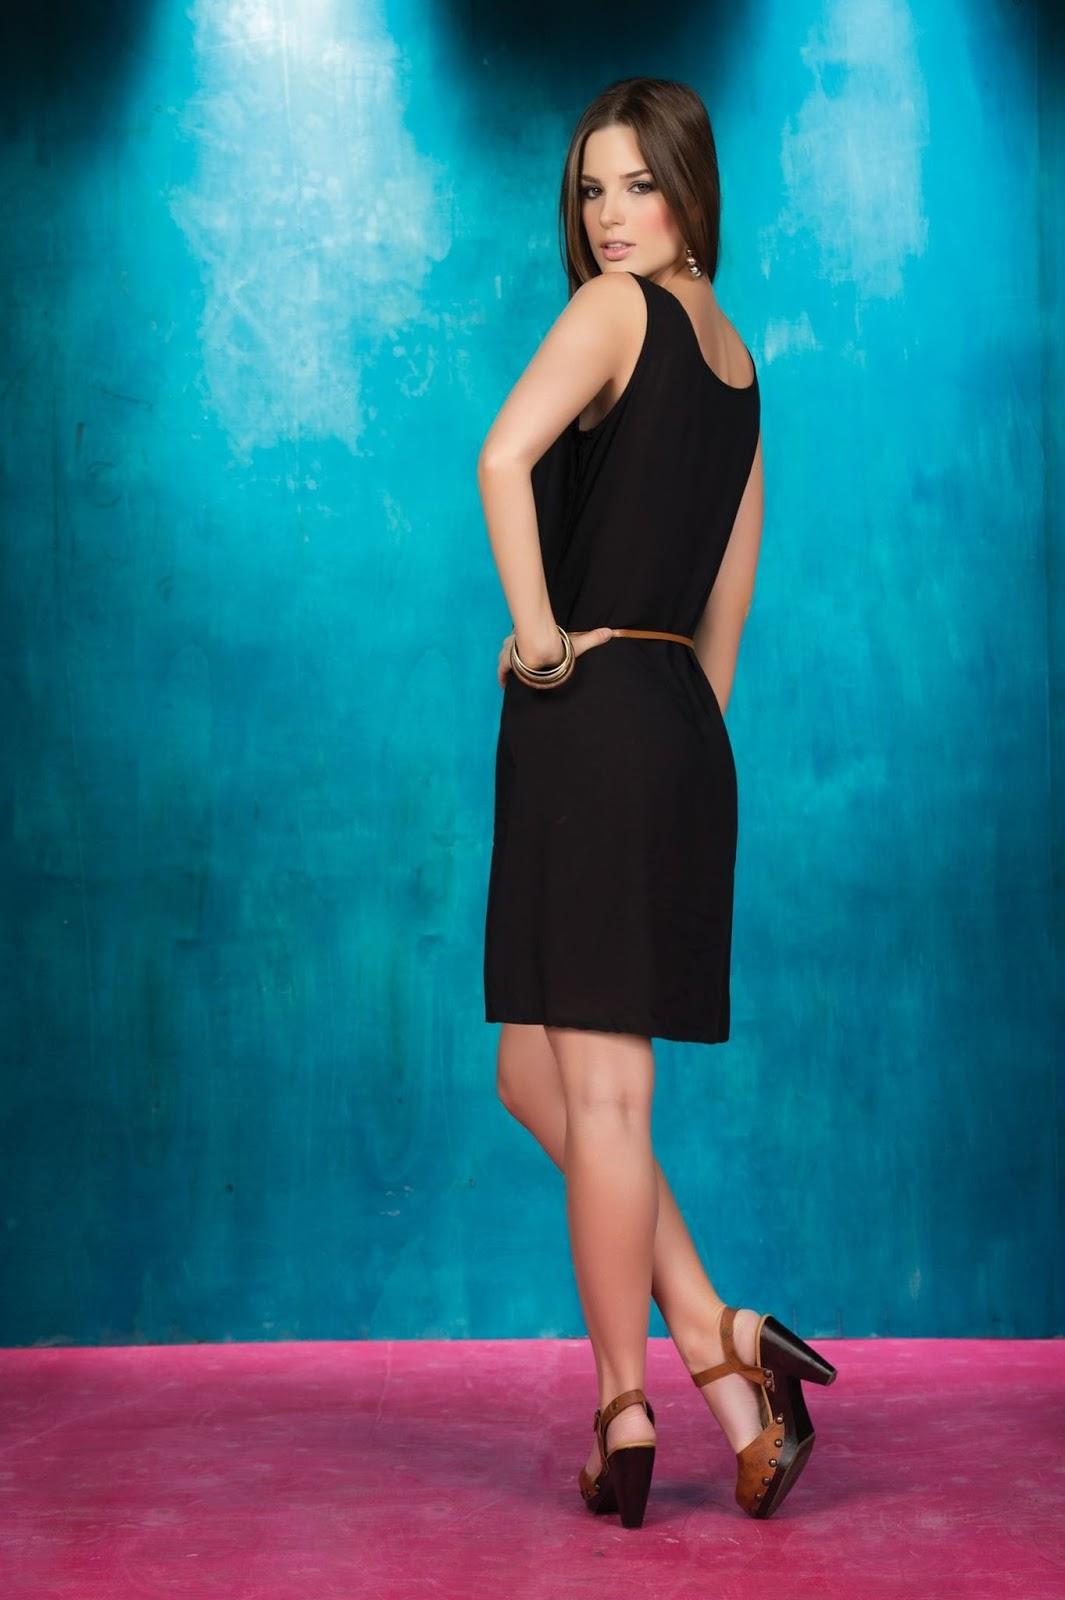 Más de 15 Ideas de Vestidos casuales para cada día ✓  ece0547dfe4e